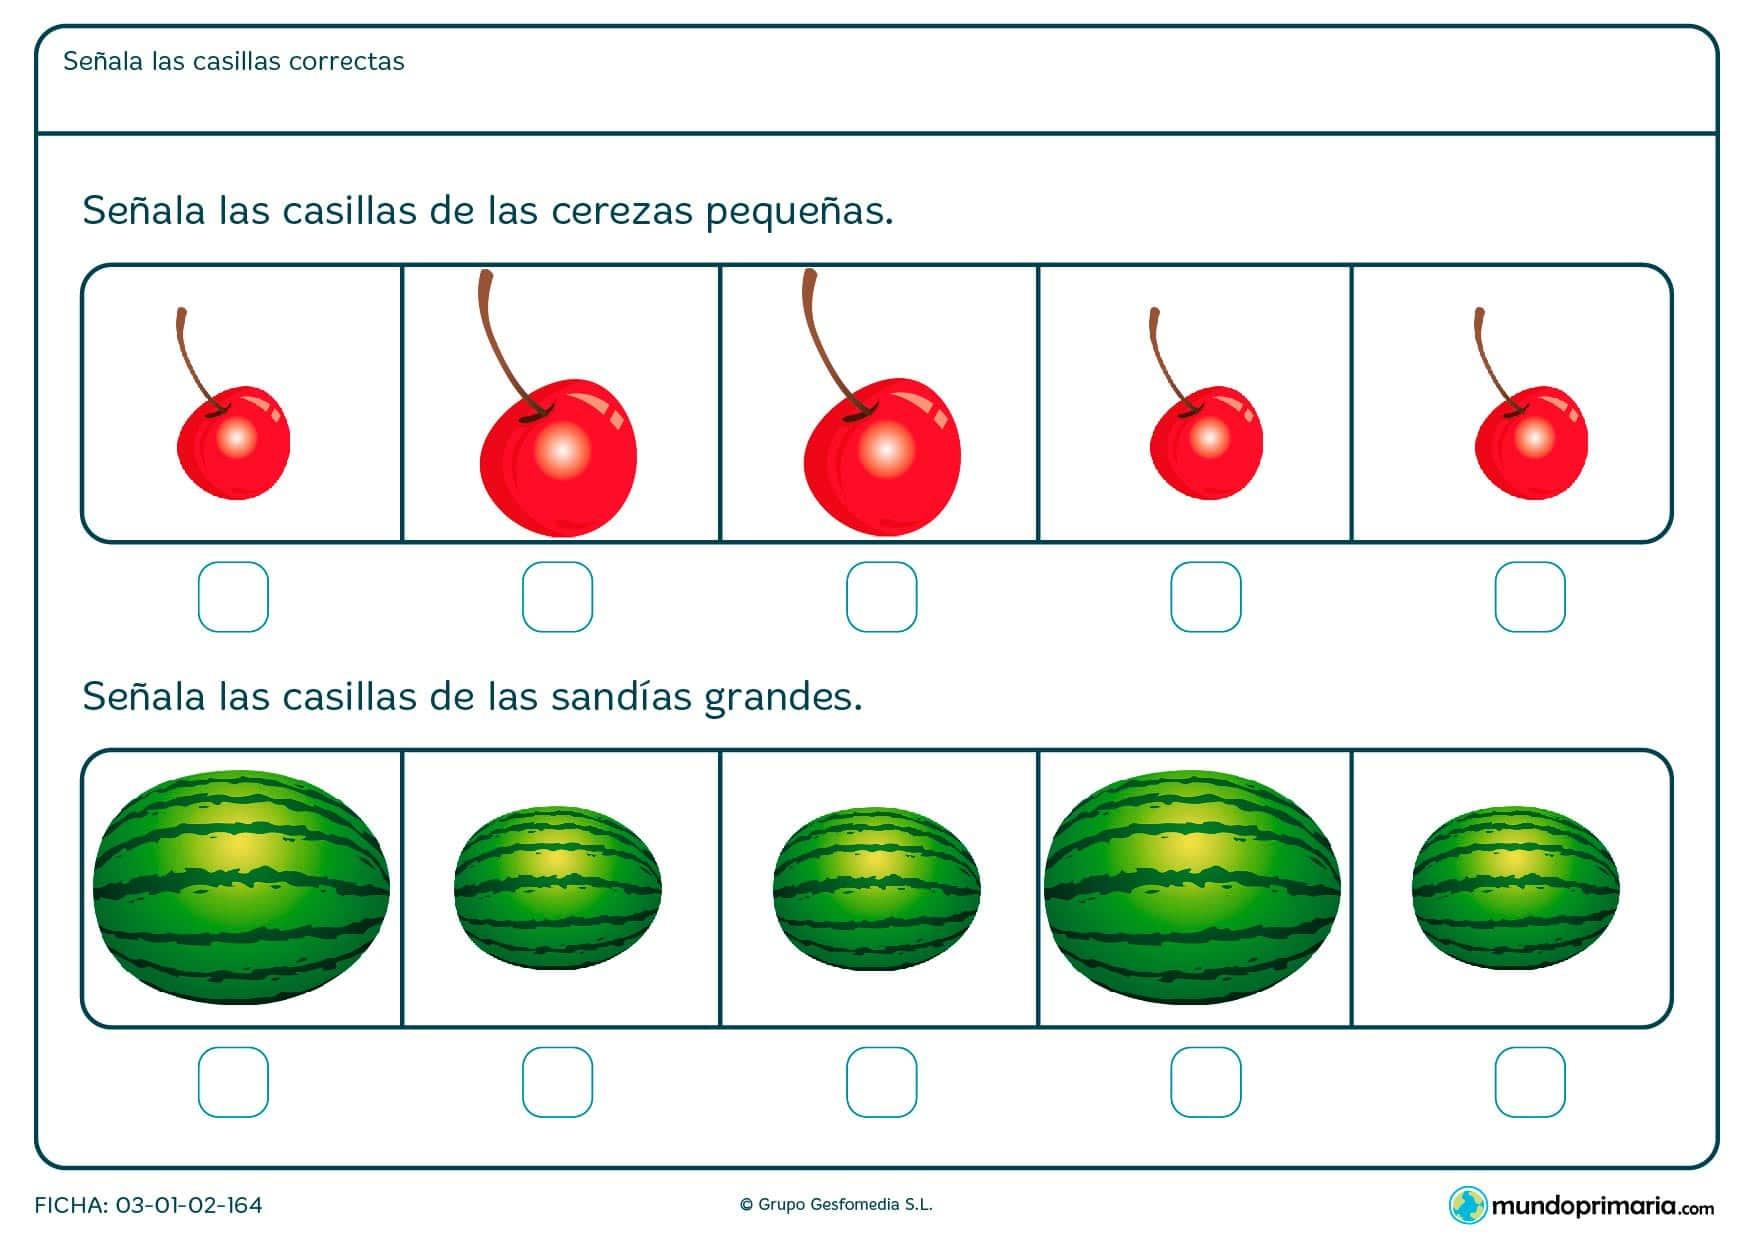 ¿Qué cerezas son más pequeñas? ¿Qué sandias son las más grandes? Hay mas de una respuesta así que piénsalo bien.